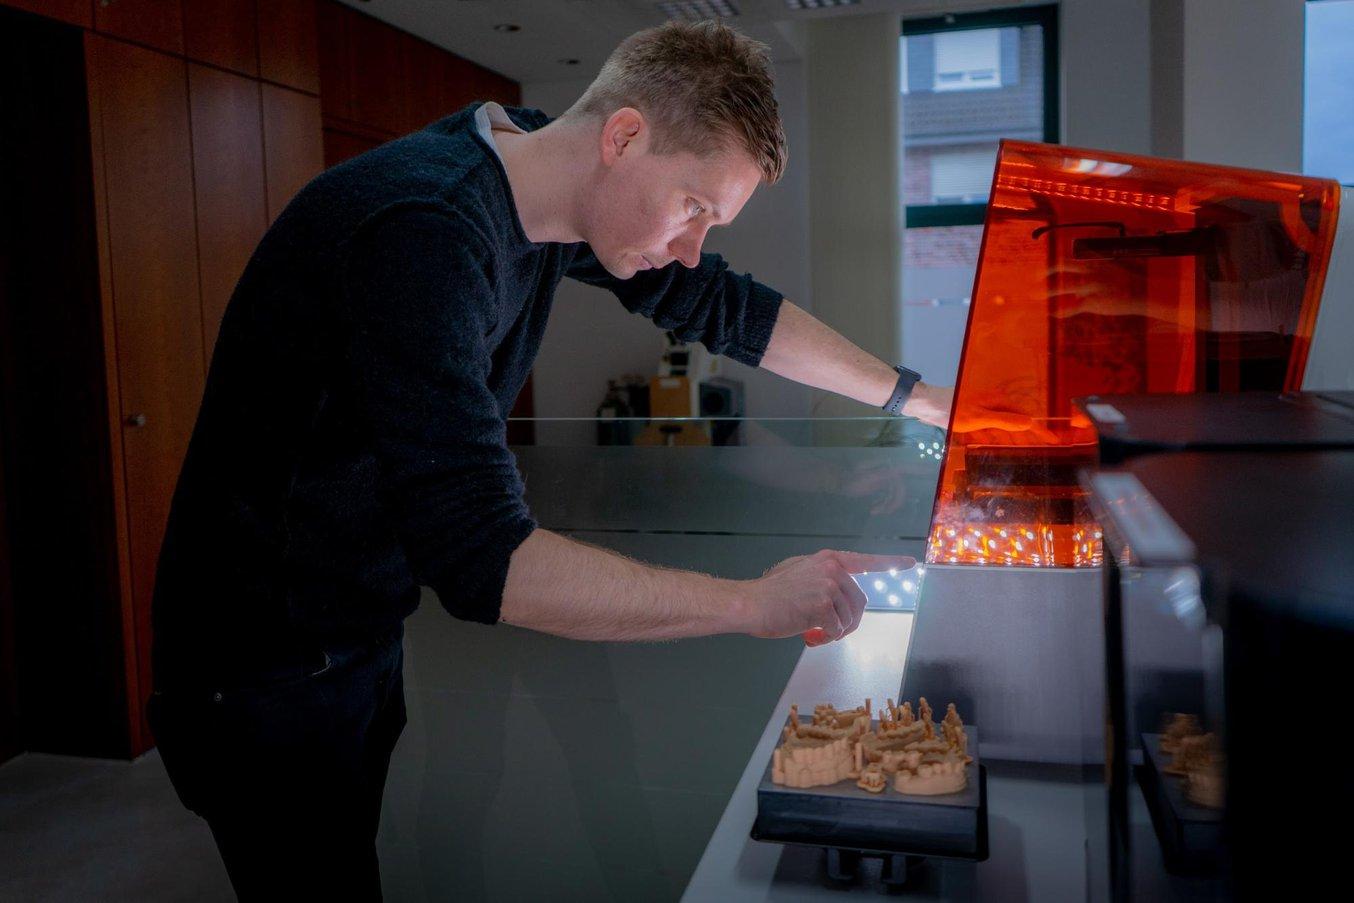 Стефан Краймер является одним из самых заядлых пользователей 3D-печати в стоматологии.